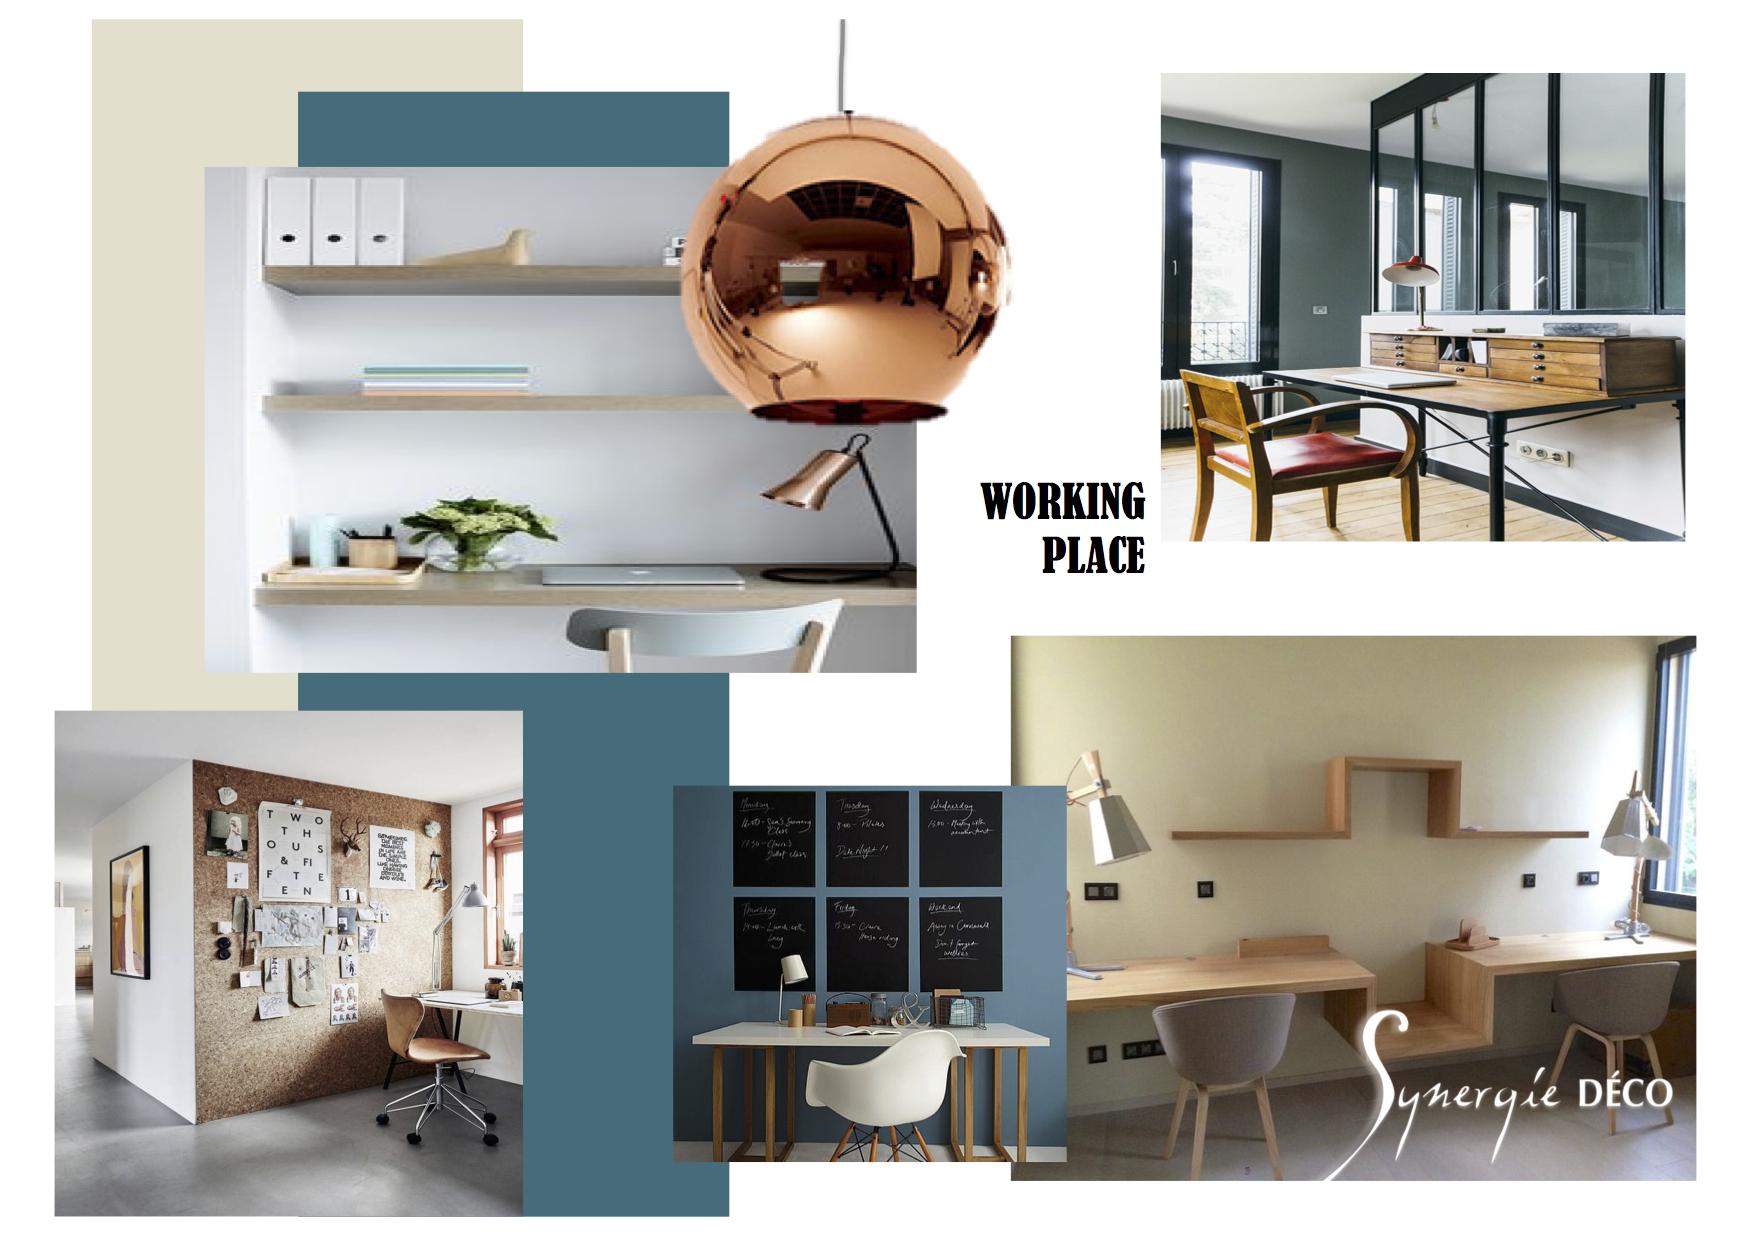 planche bureau quel bureau choisir a part a r alisation d 39 un bureau planche d co l 39. Black Bedroom Furniture Sets. Home Design Ideas